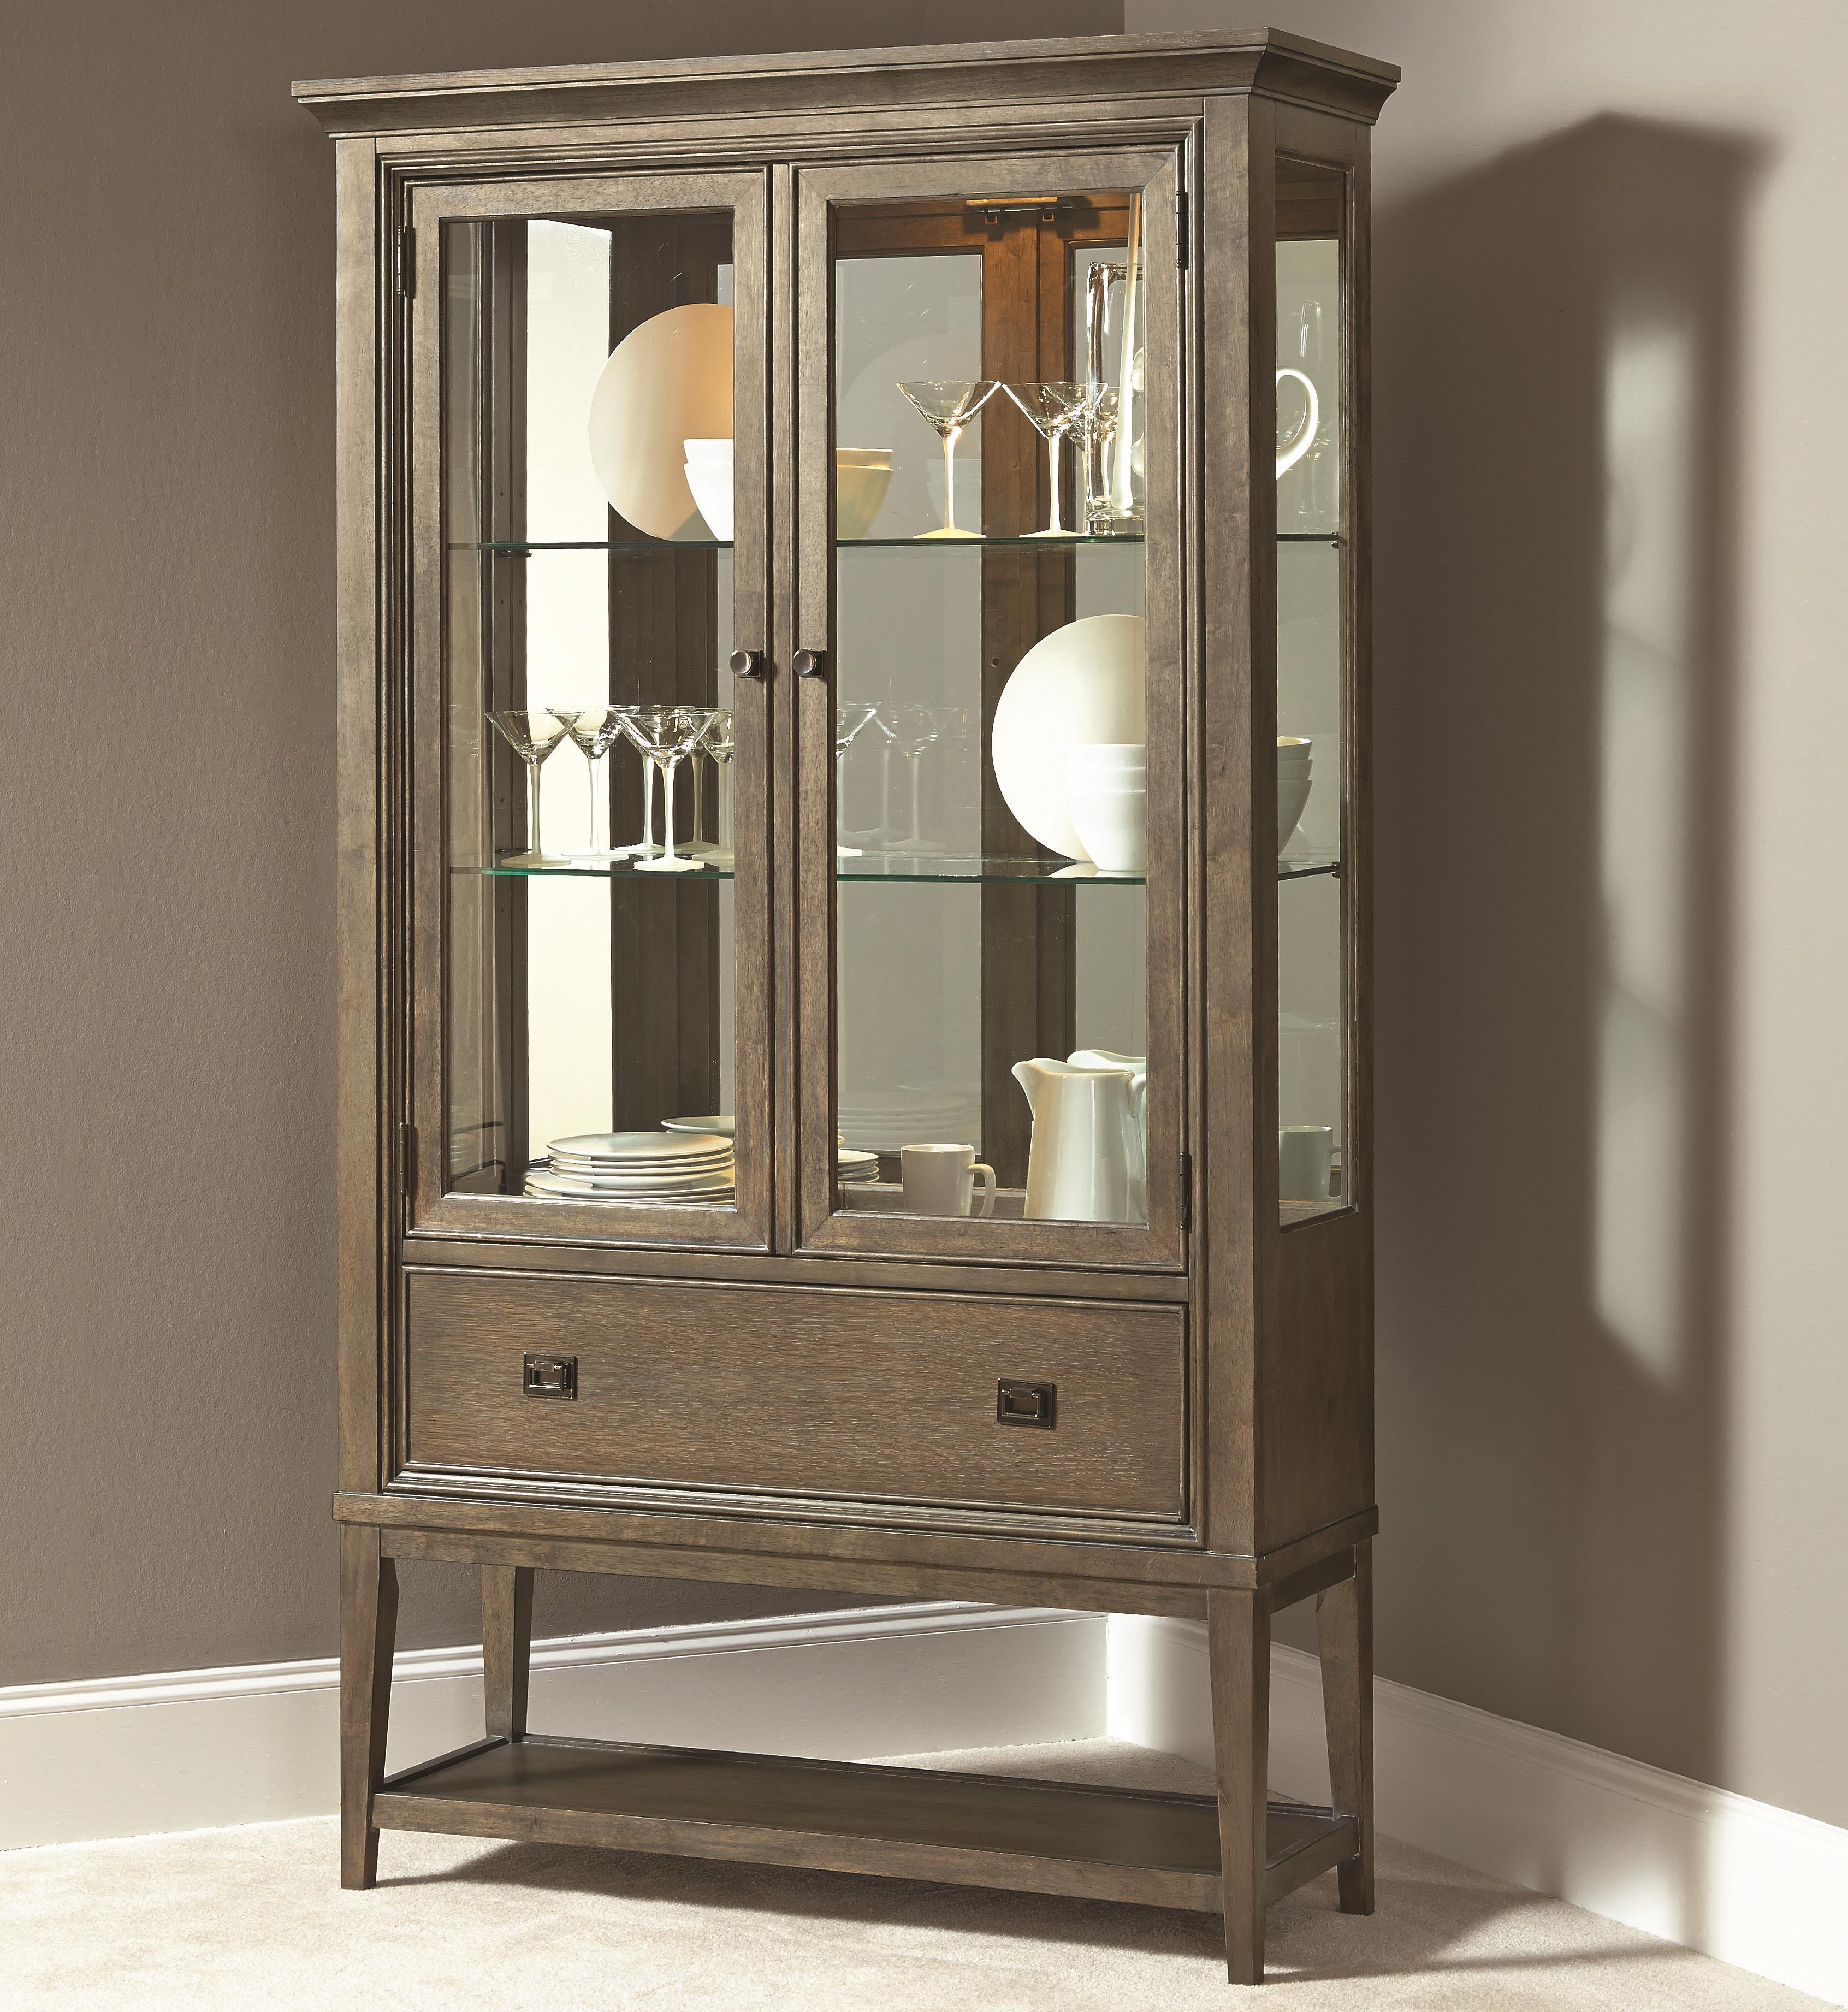 American Drew Park Studio Curio China Cabinet - Item Number: 488-855